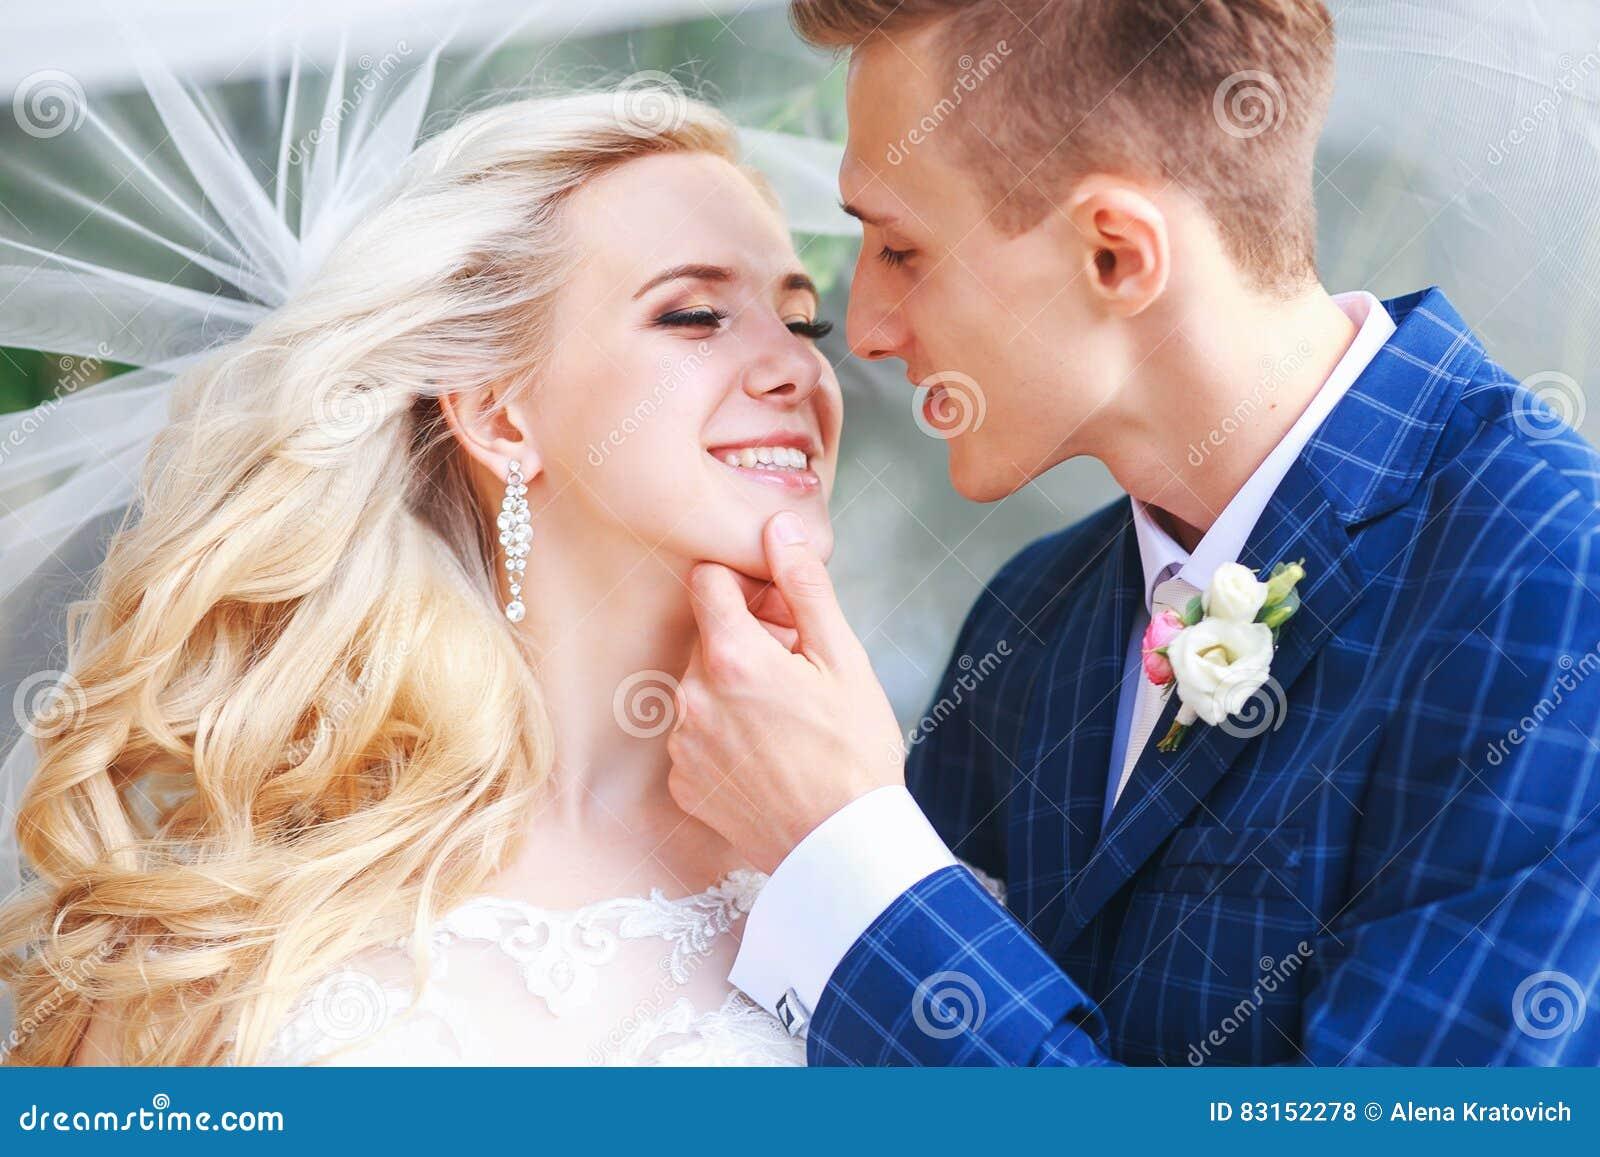 Boda Novia y novio, besándose en un parque hermoso en el día de boda , Pareja casada romántica Casarse pares al aire libre es abr